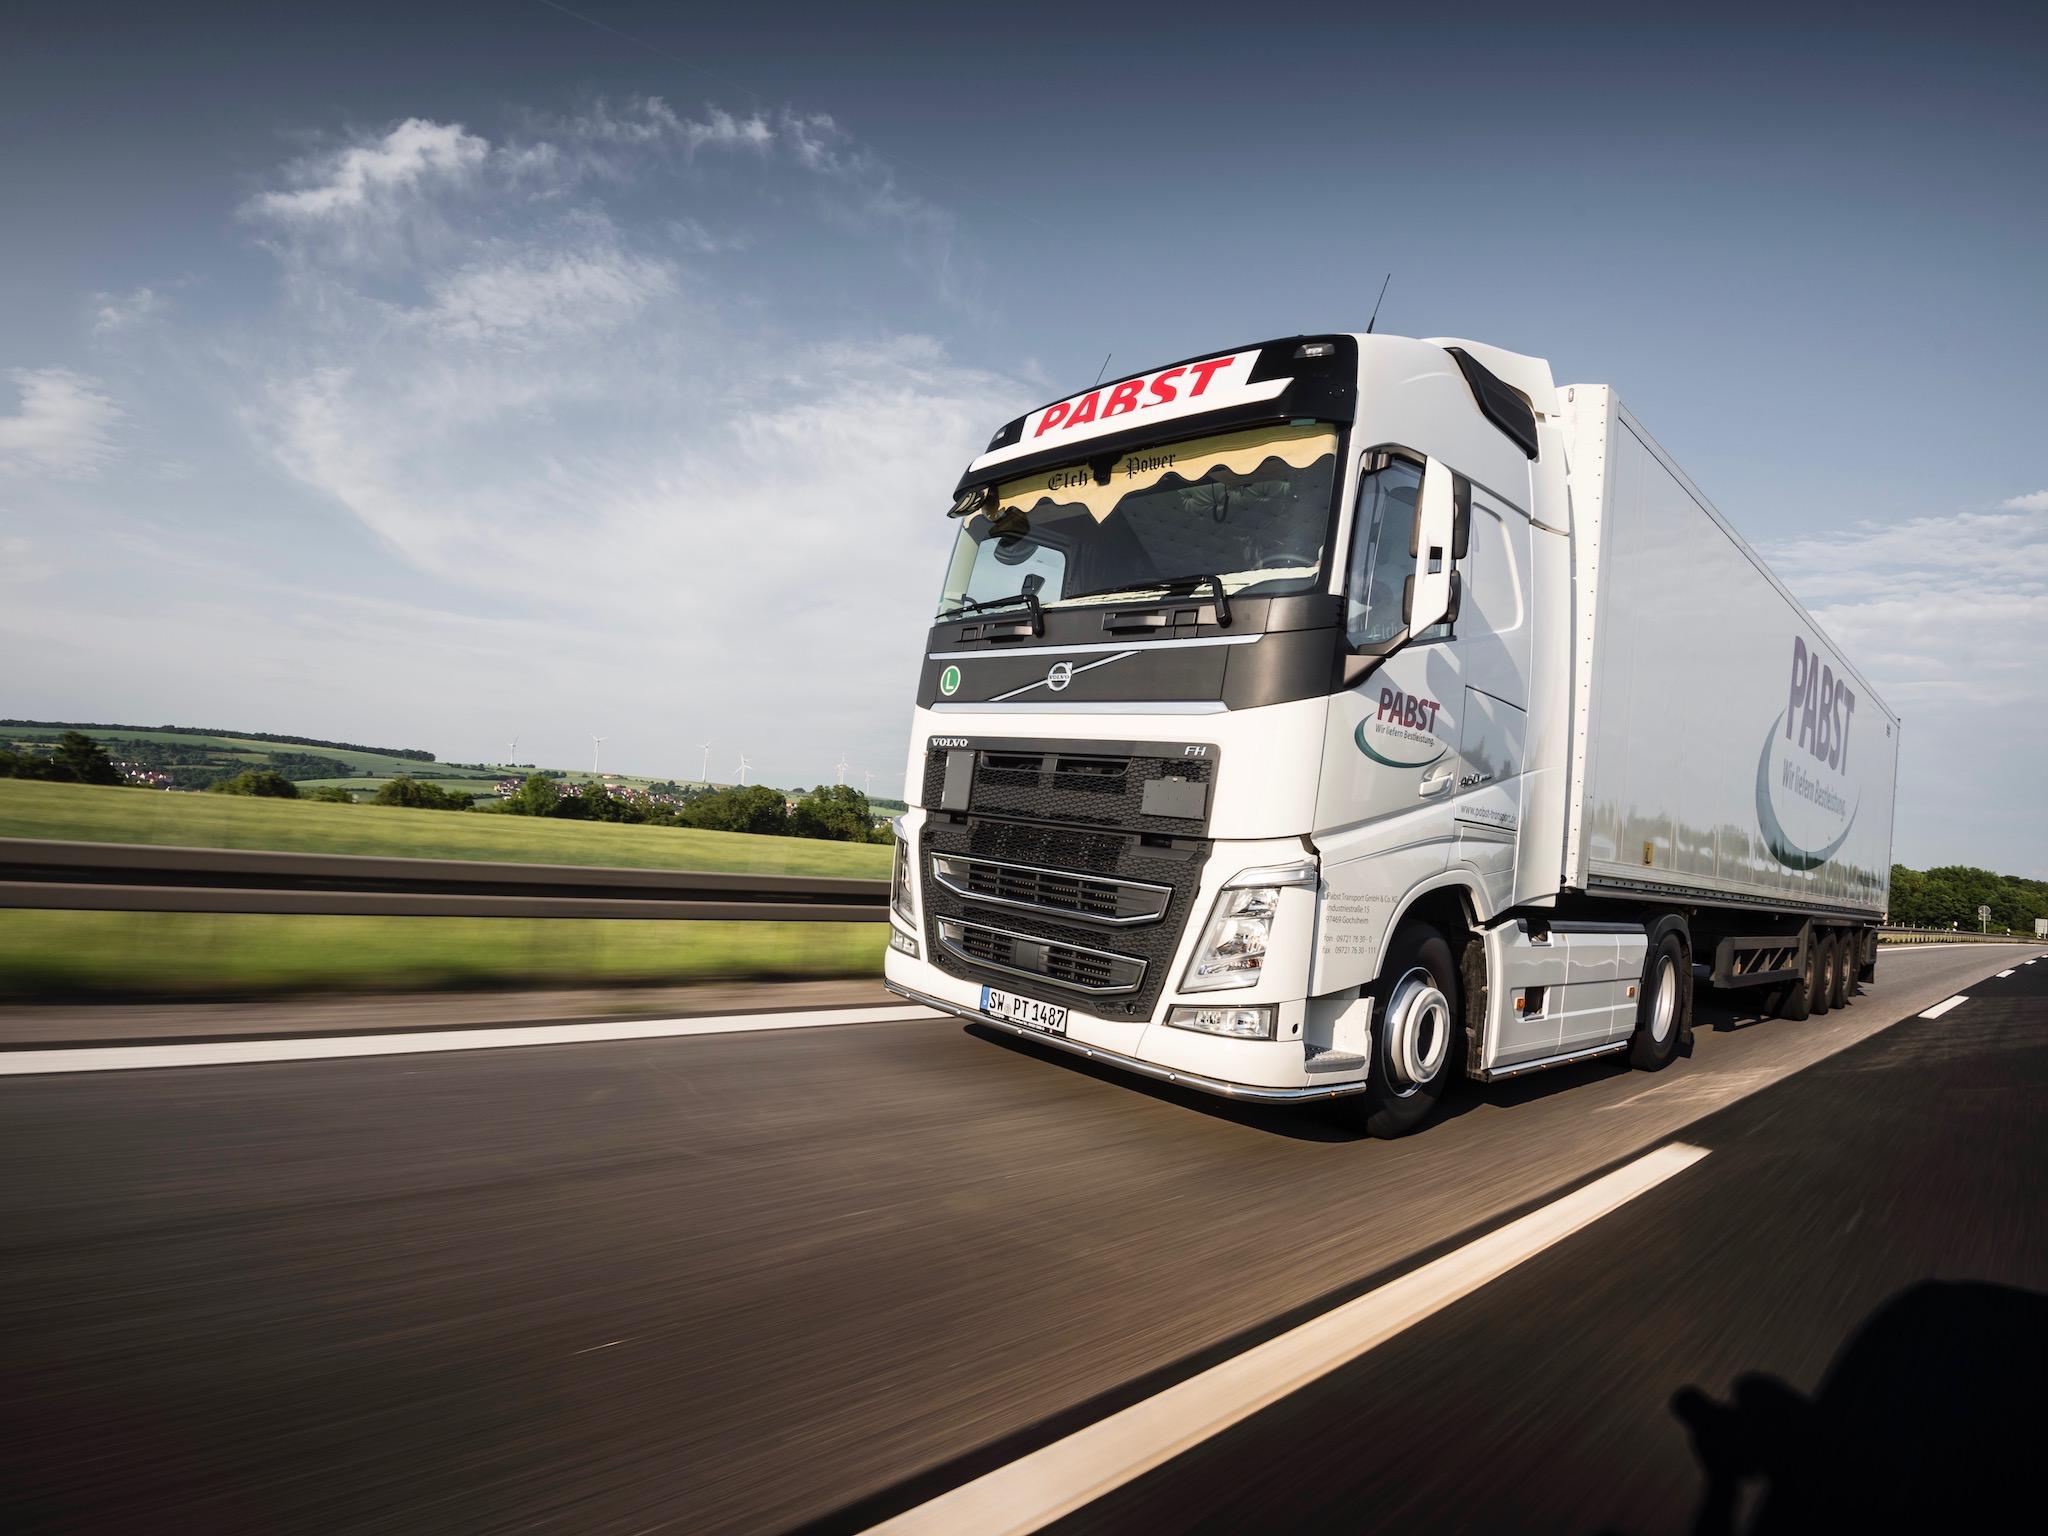 Pabst Transport bewegt mit über 320 eigenen LKWs ganz verschiedene Waren. Foto: Pabst Transport